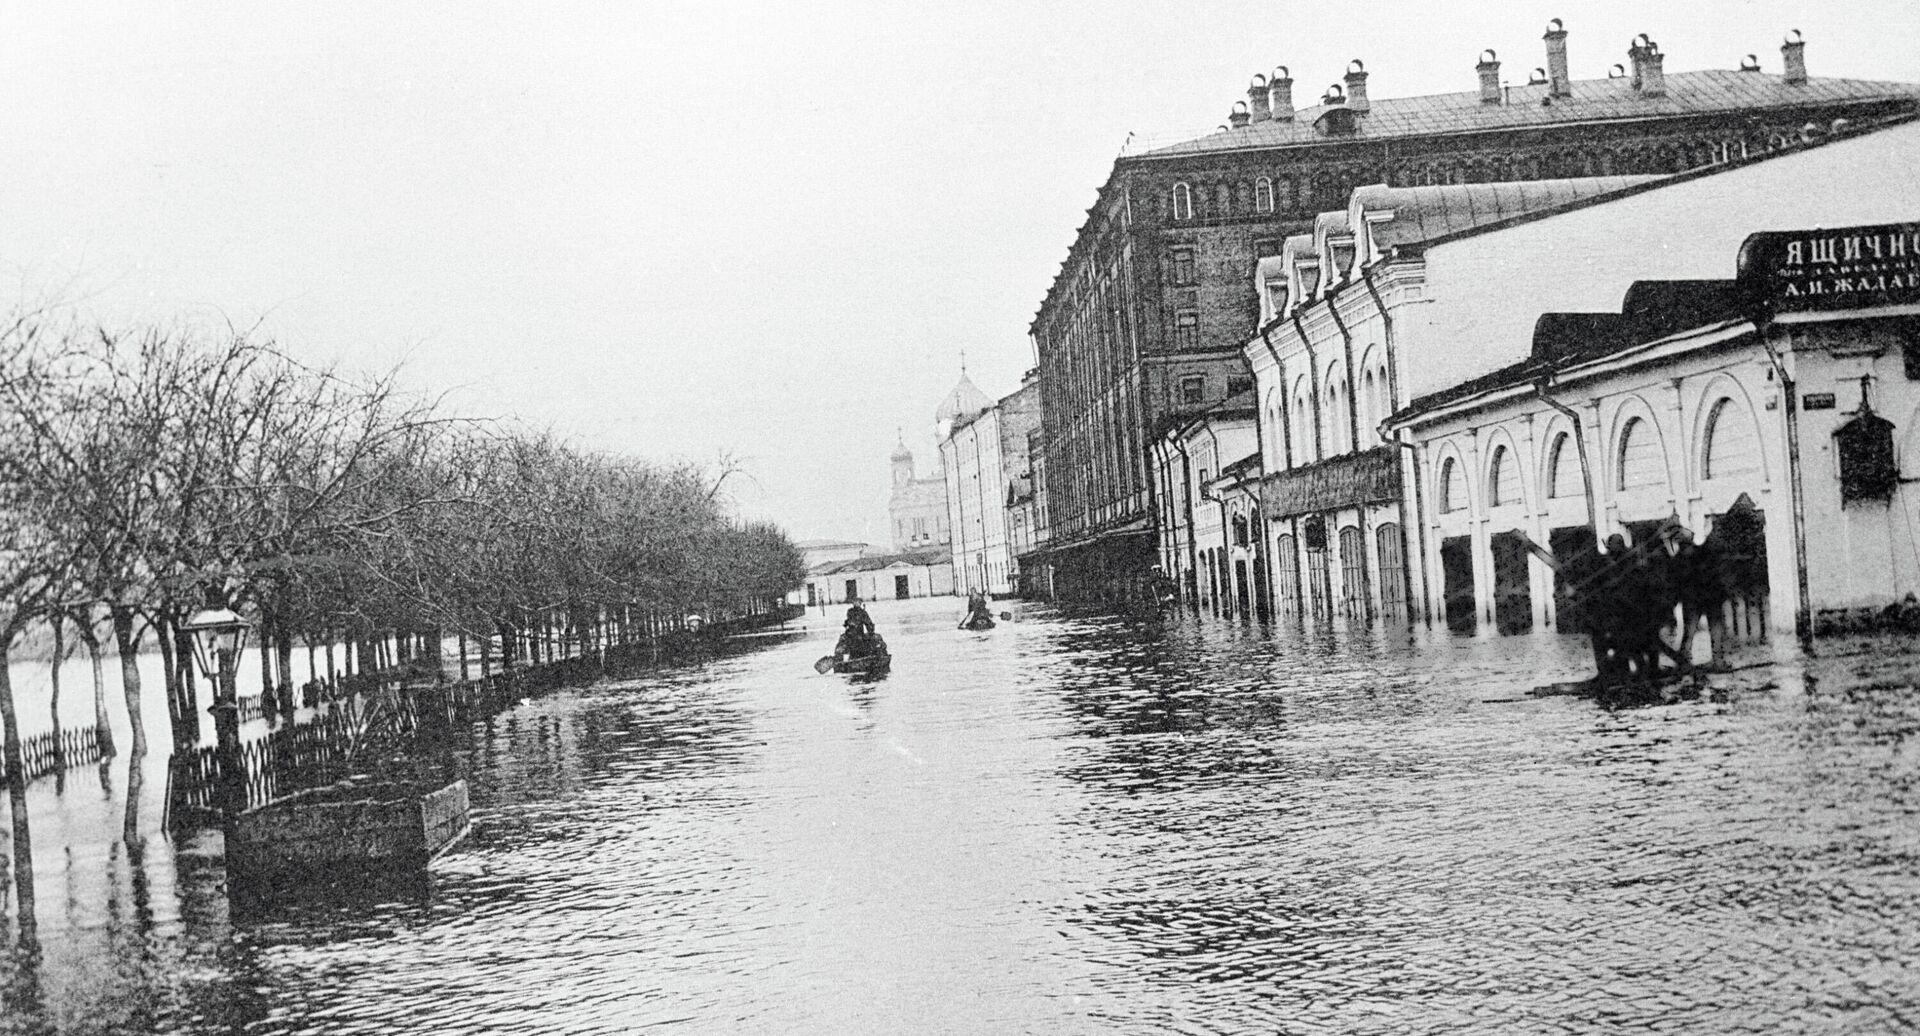 Бульвар в Москве затоплен водой. Наводнение 1908 года. - РИА Новости, 1920, 11.09.2020